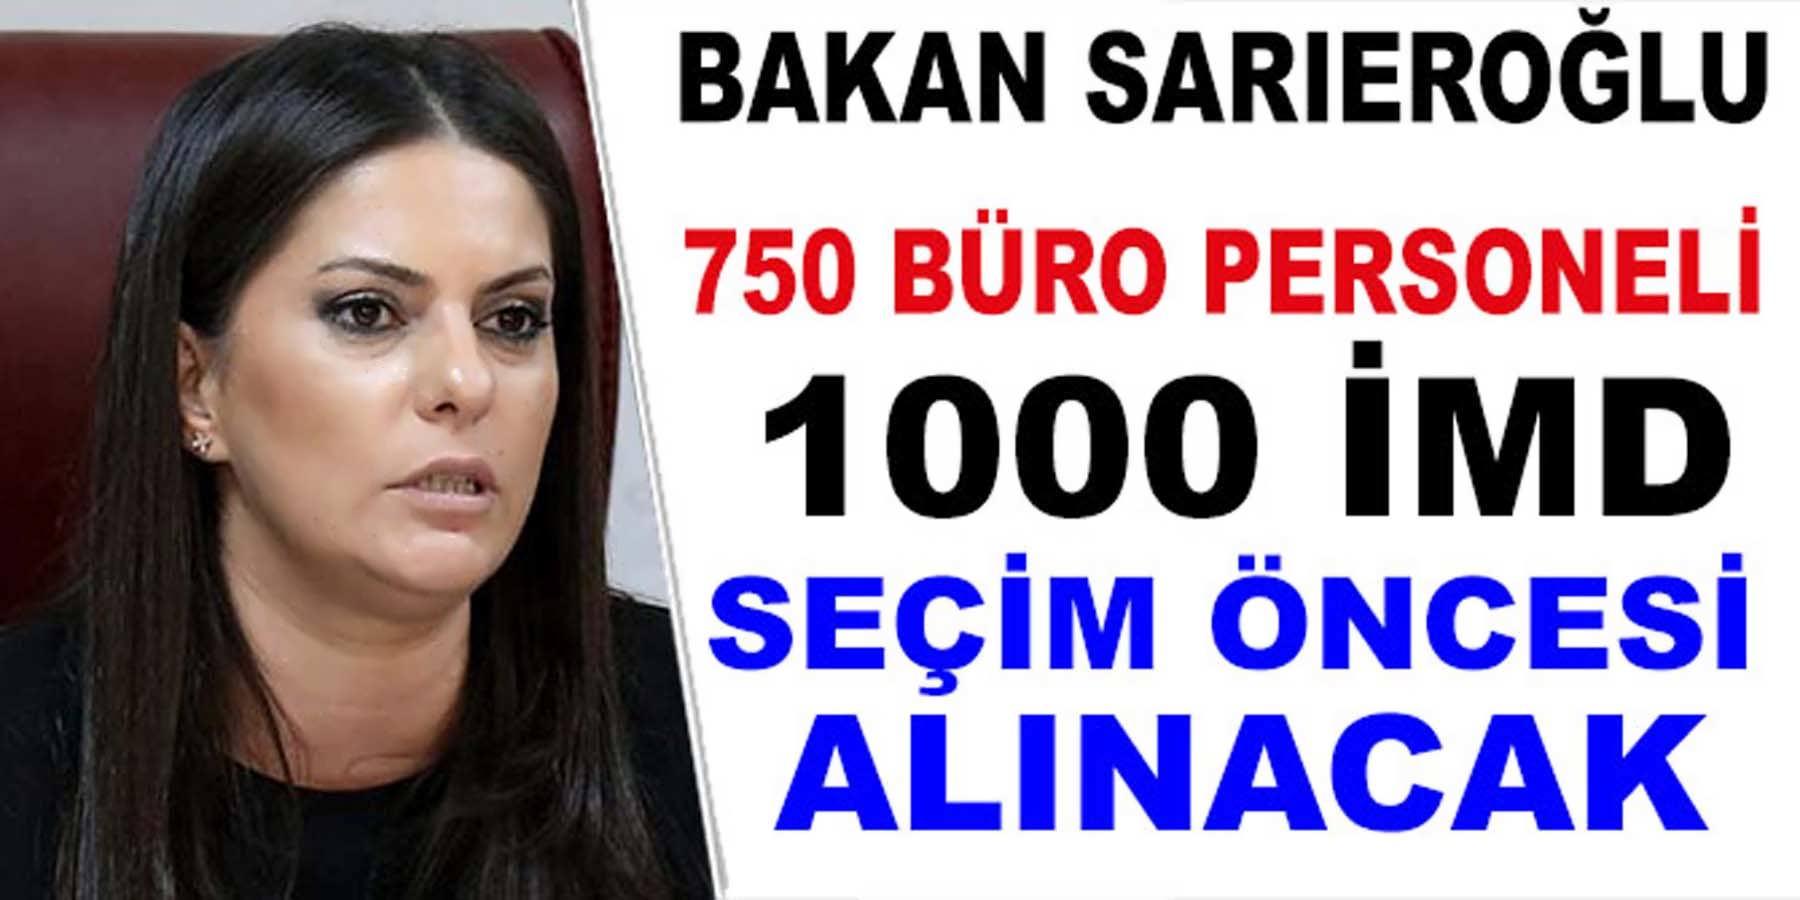 Bakan Sarıeroğlu 1750 Büro Personeli Ve İMD Alımını Müjdeledi